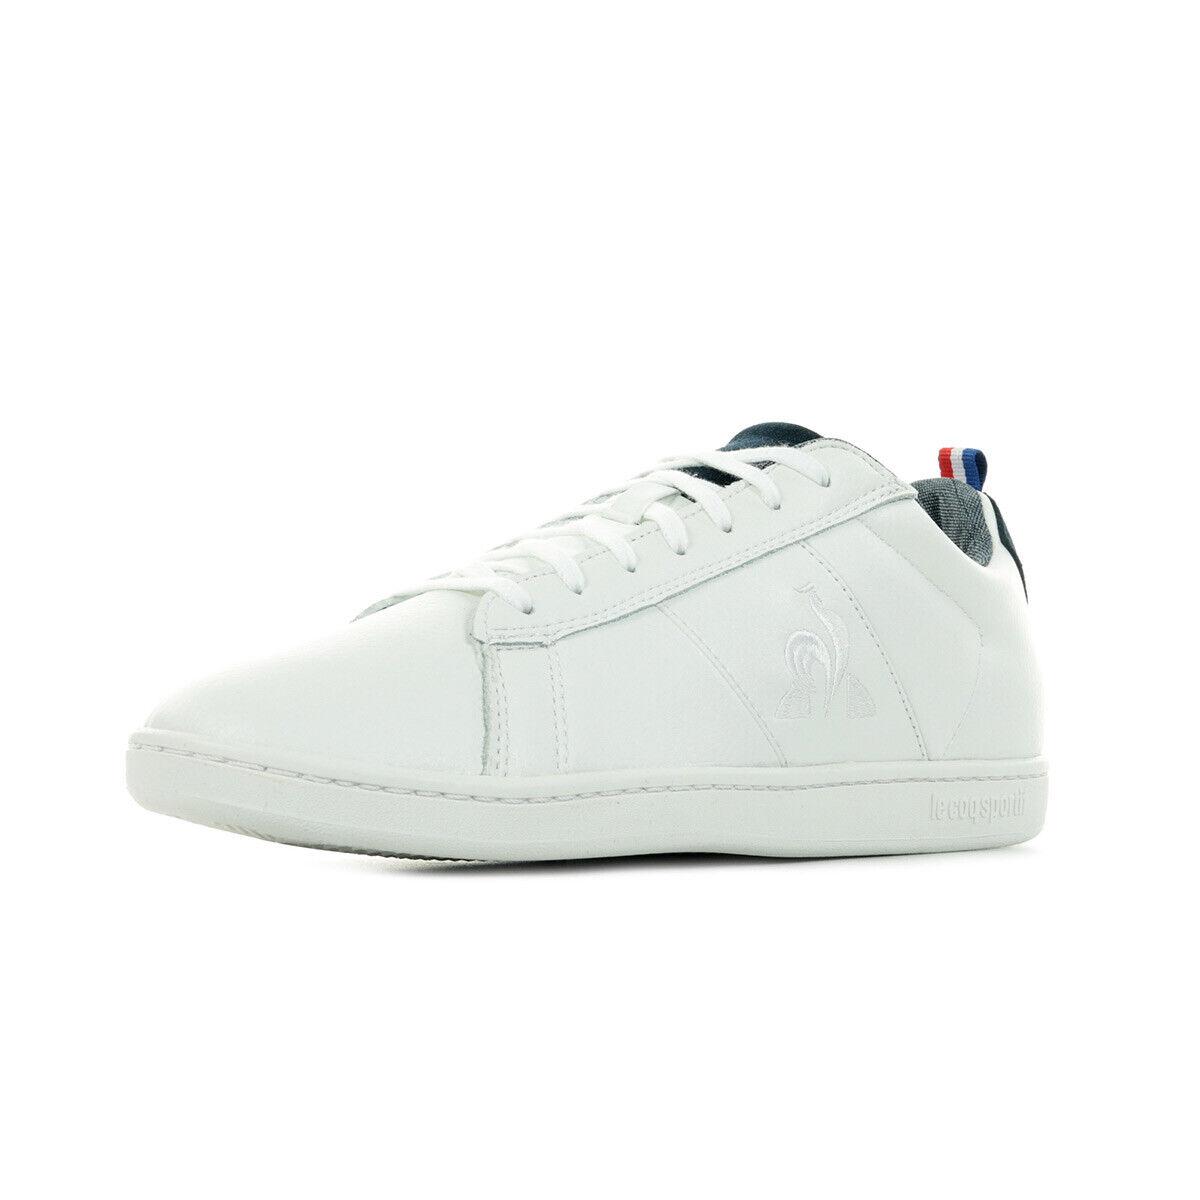 Schuhe Le Coq Sportif Herren Court Classic Denim weiß